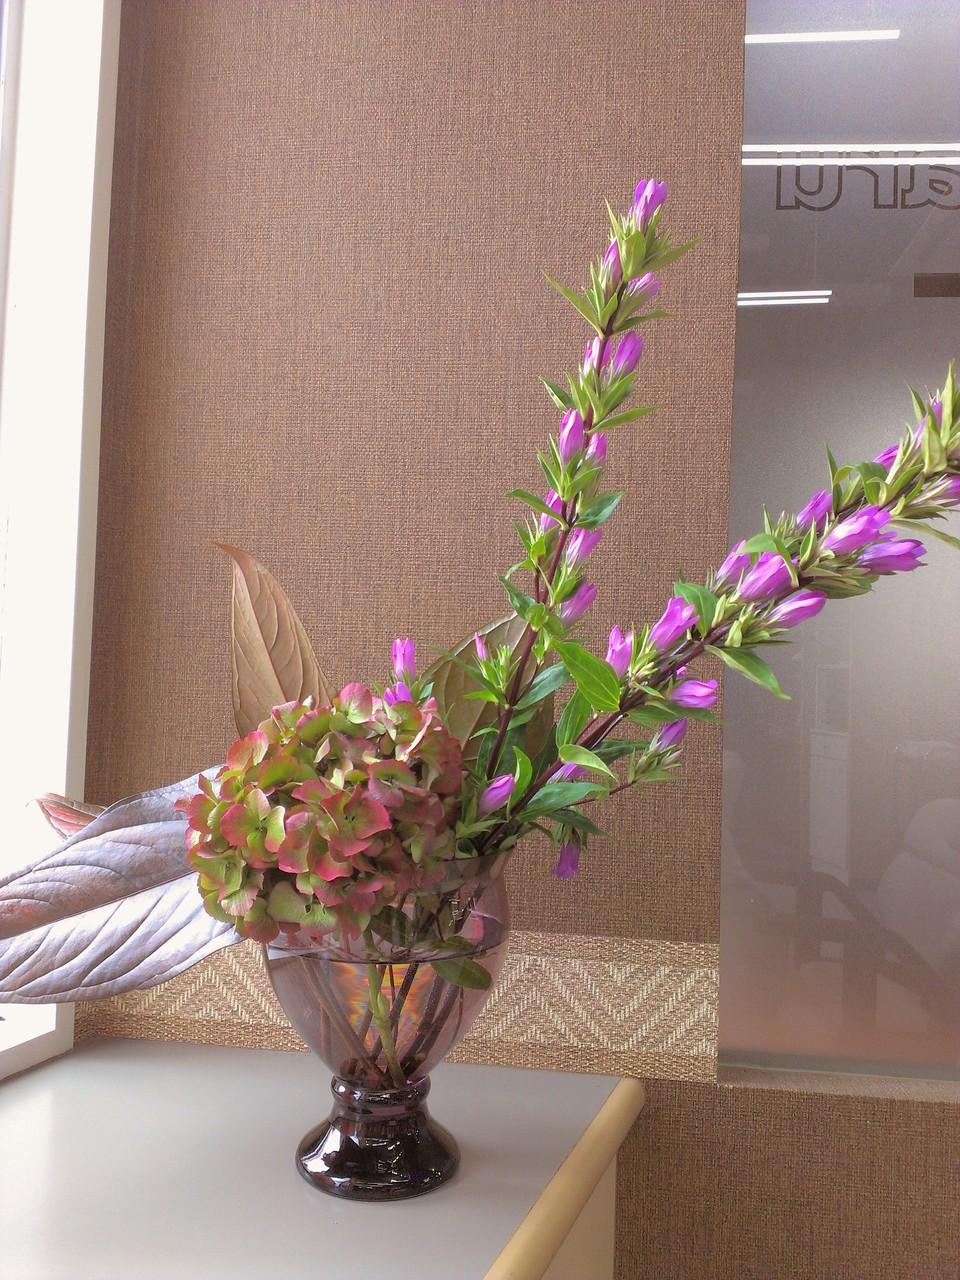 2014.09.17 ハイドランジア(別名:西洋あじさい)、リンドウ(竜胆)、ブロンズリーフ(※アンスリウムの葉) ・花瓶からひときわ大きく咲く緑と赤色のコントラストが素敵なハイドランジア、背が高くピンクのお花と青々とした葉っぱが交互に伸びるリンドウ、ひときわ大きな葉っぱで存在感の有るブロンズリーフのアレンジメントです。今回はシックな色合いのお花を使い秋色を強調させました。花言葉: ハイドランジア【元気な女性、乙女の愛】、リンドウ【あなたの悲しみに寄り添う、誠実】